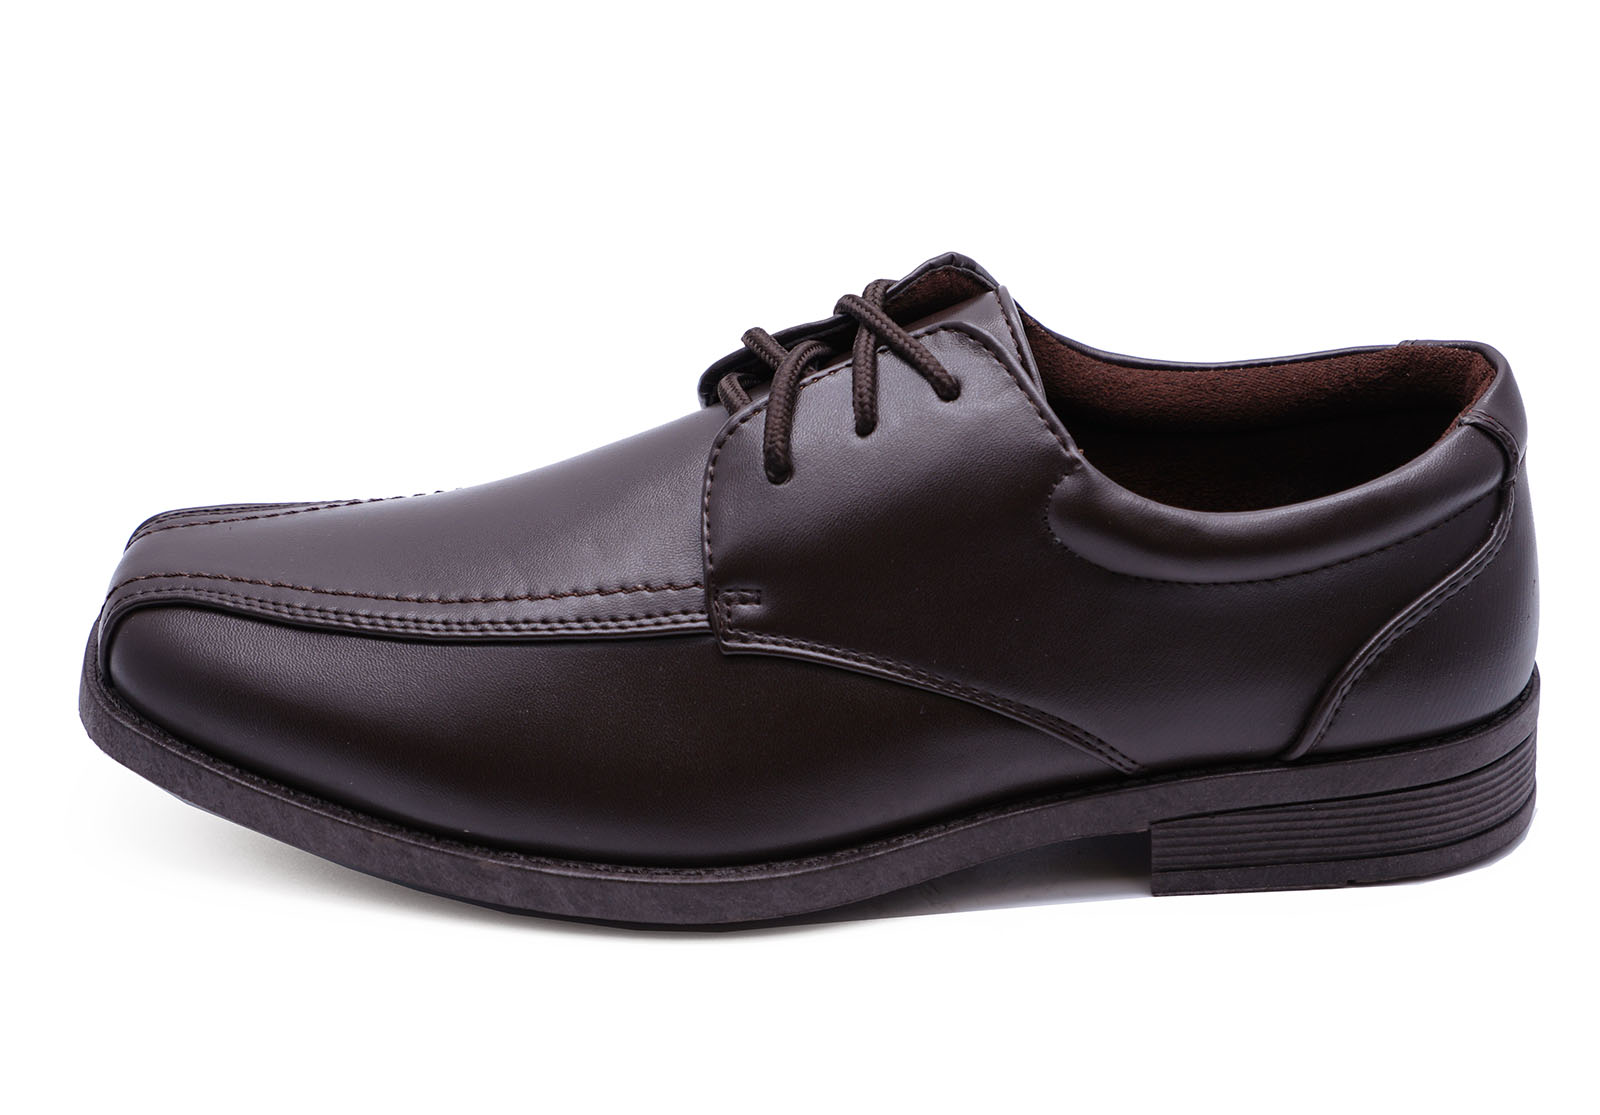 Herren braun zum Schnüren Works Hochzeit lässig elegant Slipper förmliche Schuhe